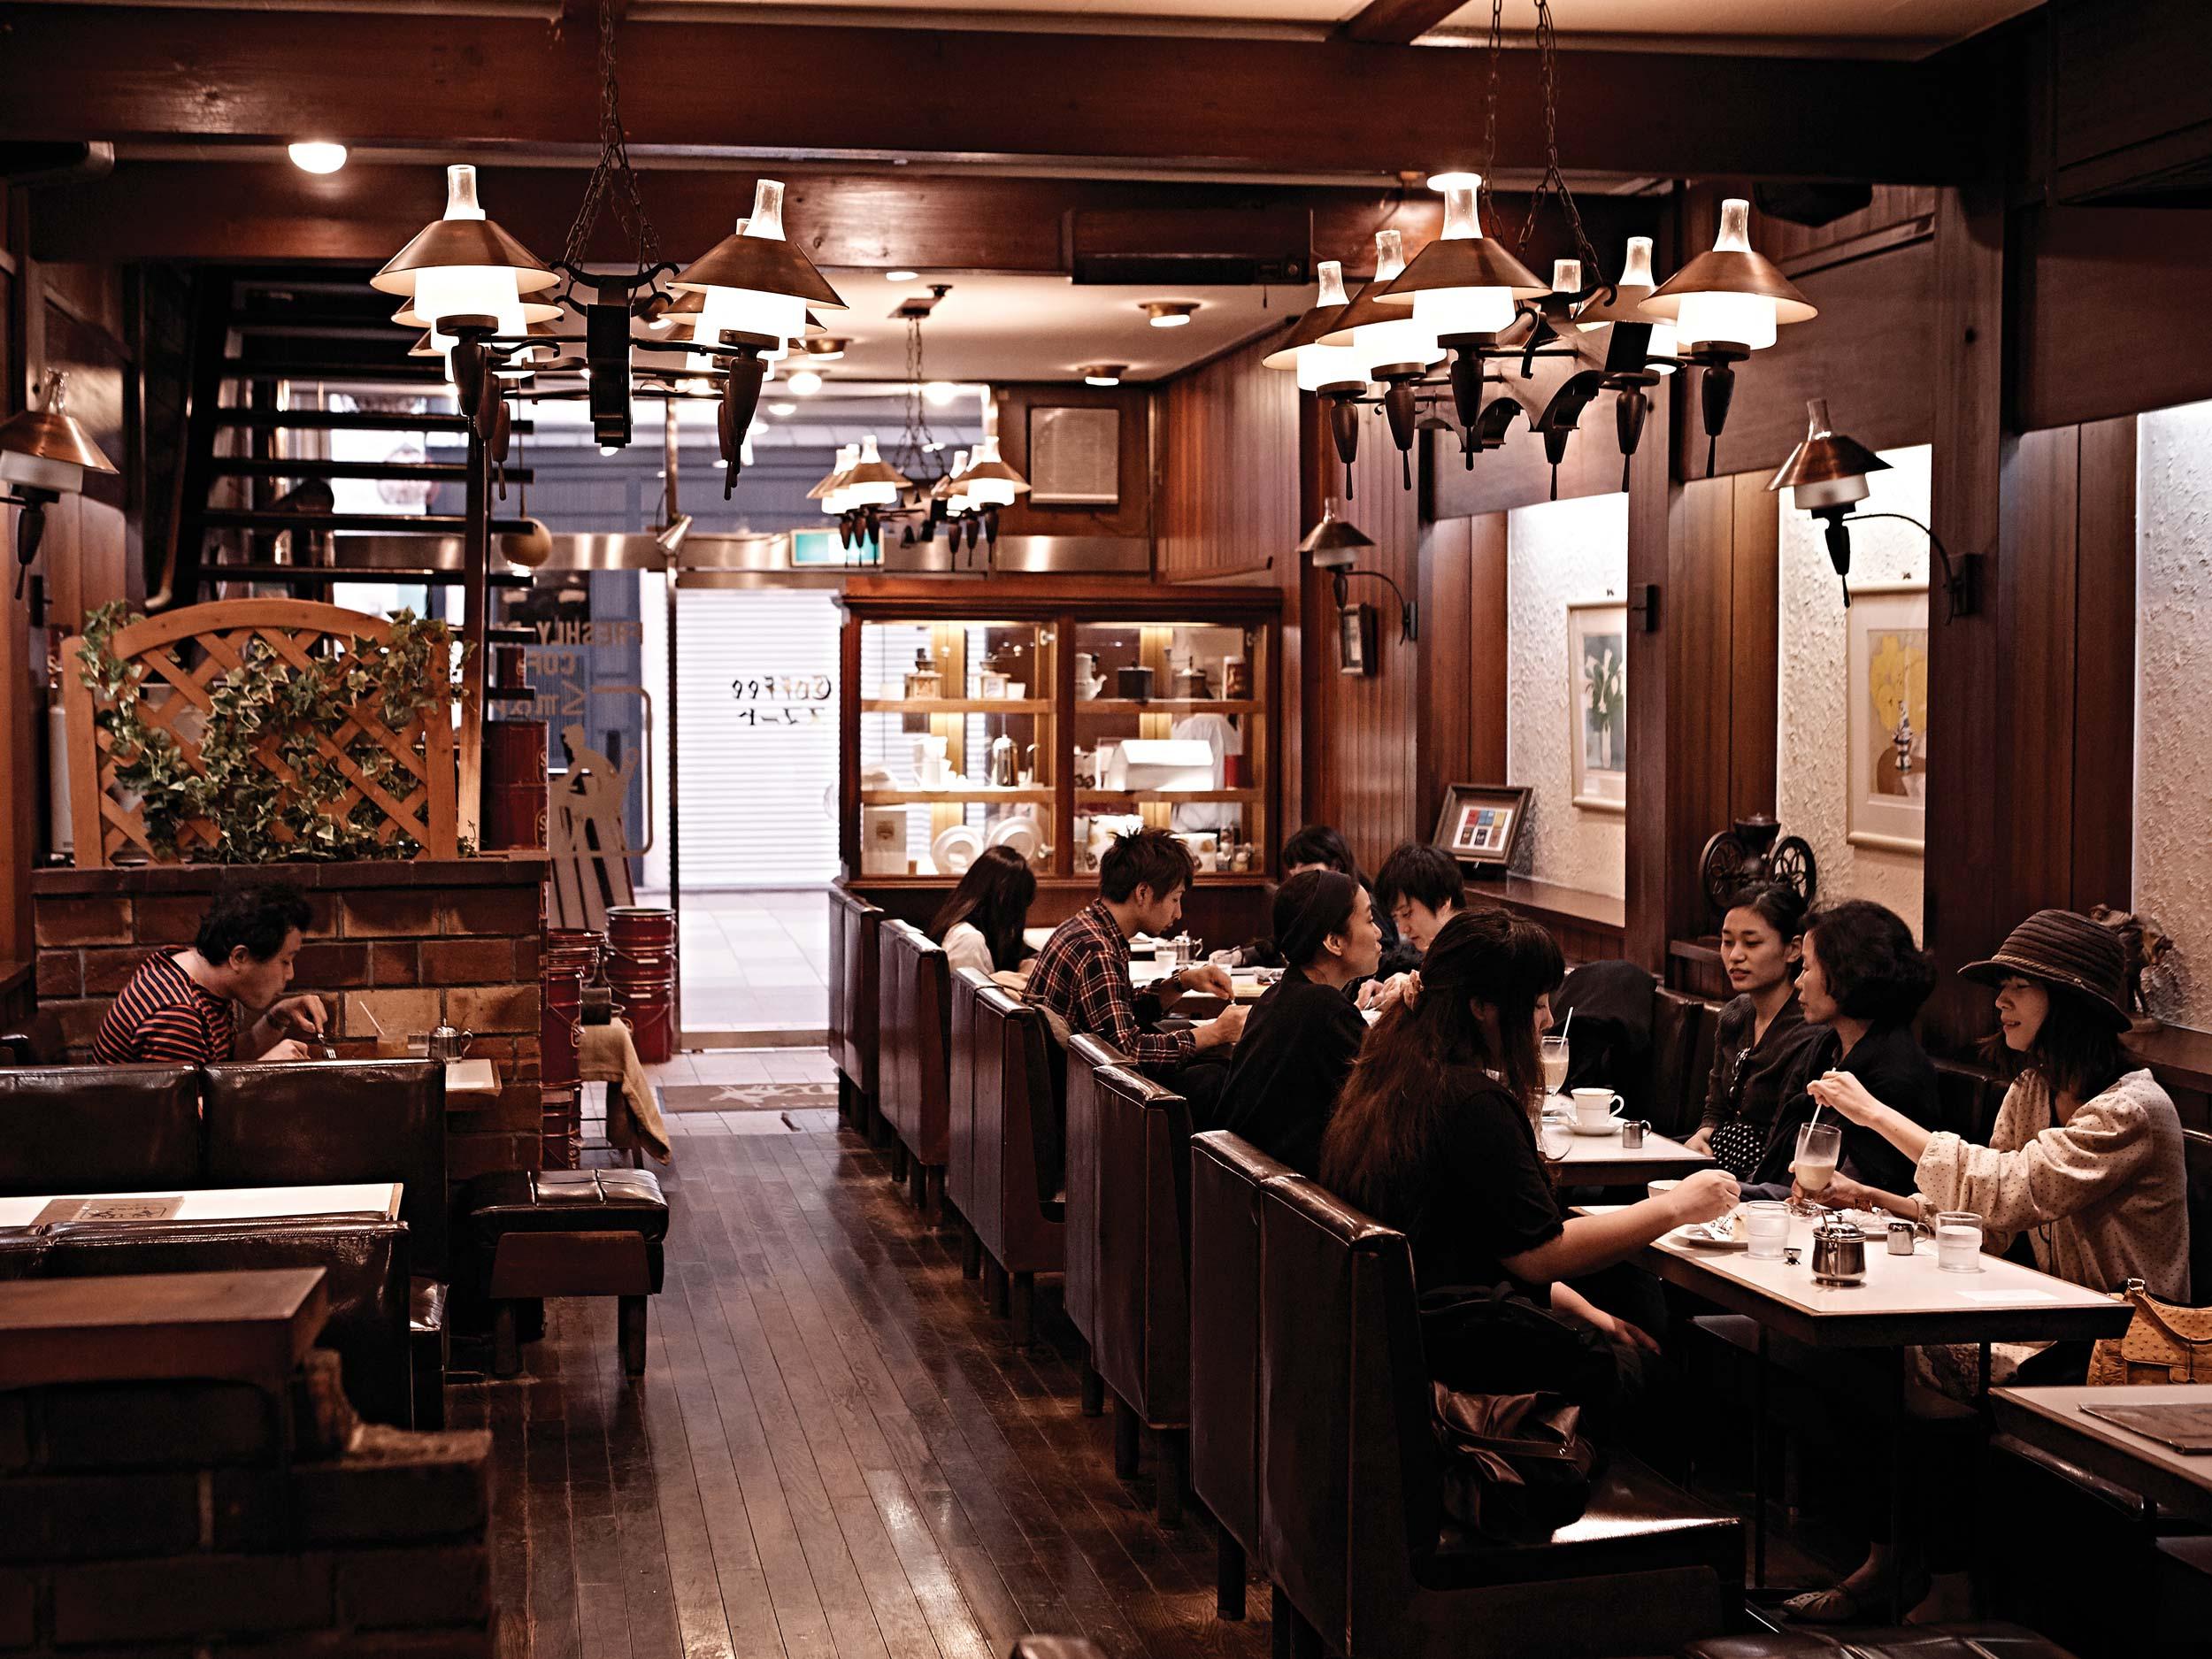 오전 8시의 스마트 커피. 교토 사람들은 아침의 여유를 즐긴다. © 김재욱